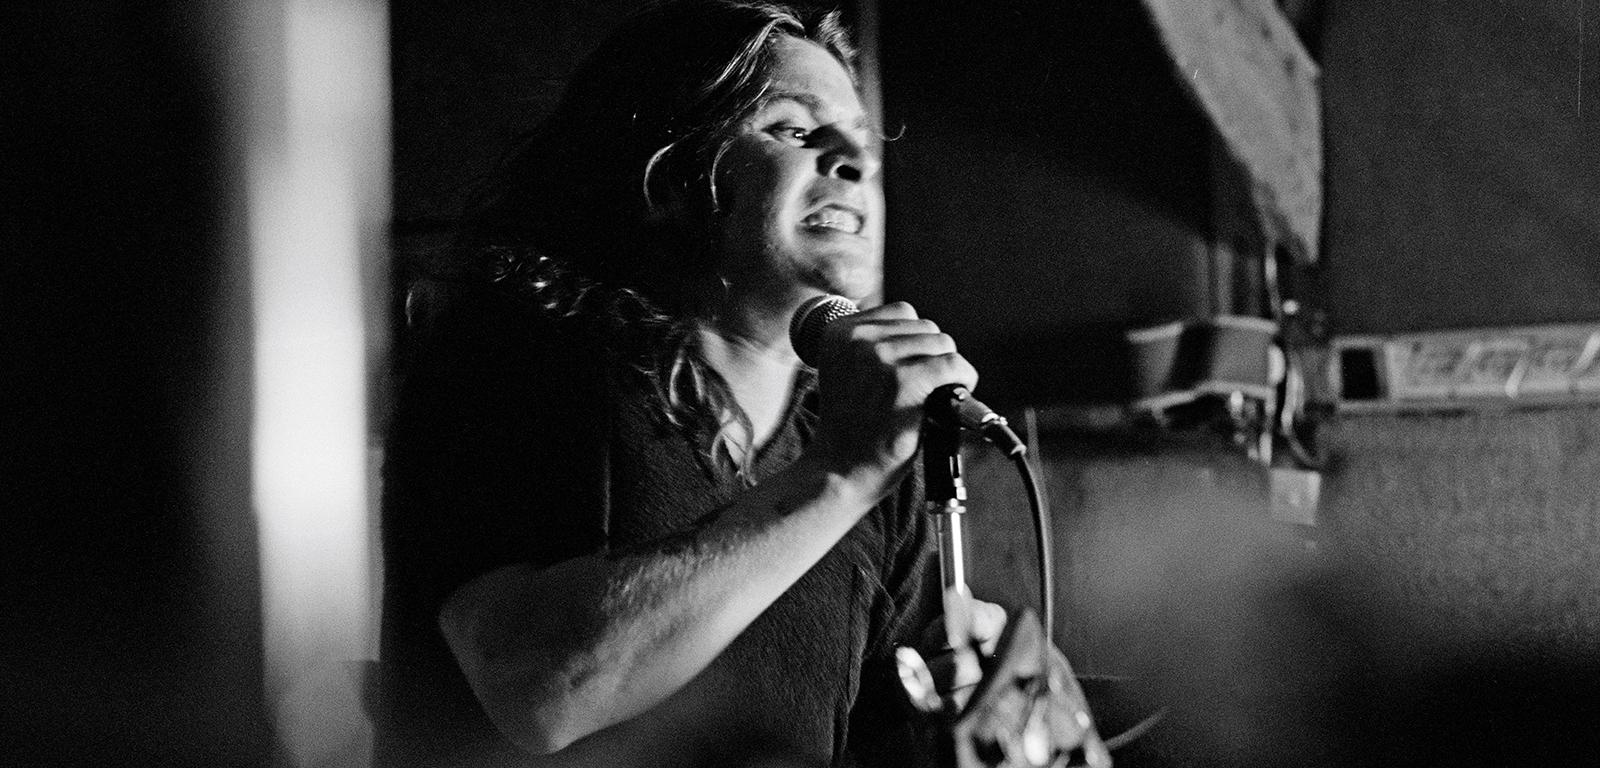 Ozzy Osbourne, Blizzard of Ozz: Vezi fotografii inedite de la înregistrarea iconicului album